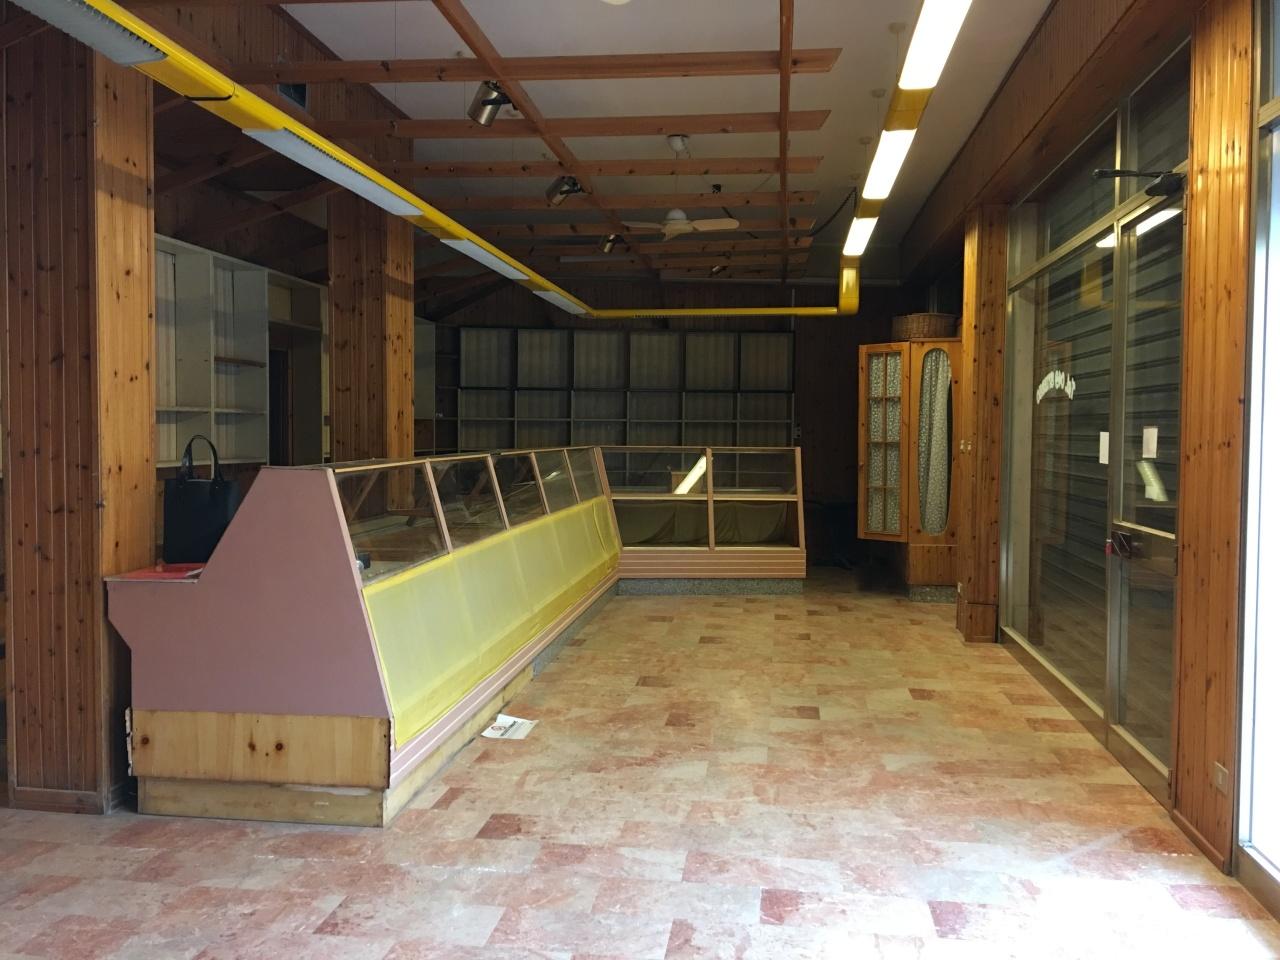 Locale commerciale - 3 Vetrine a Brentella, Padova